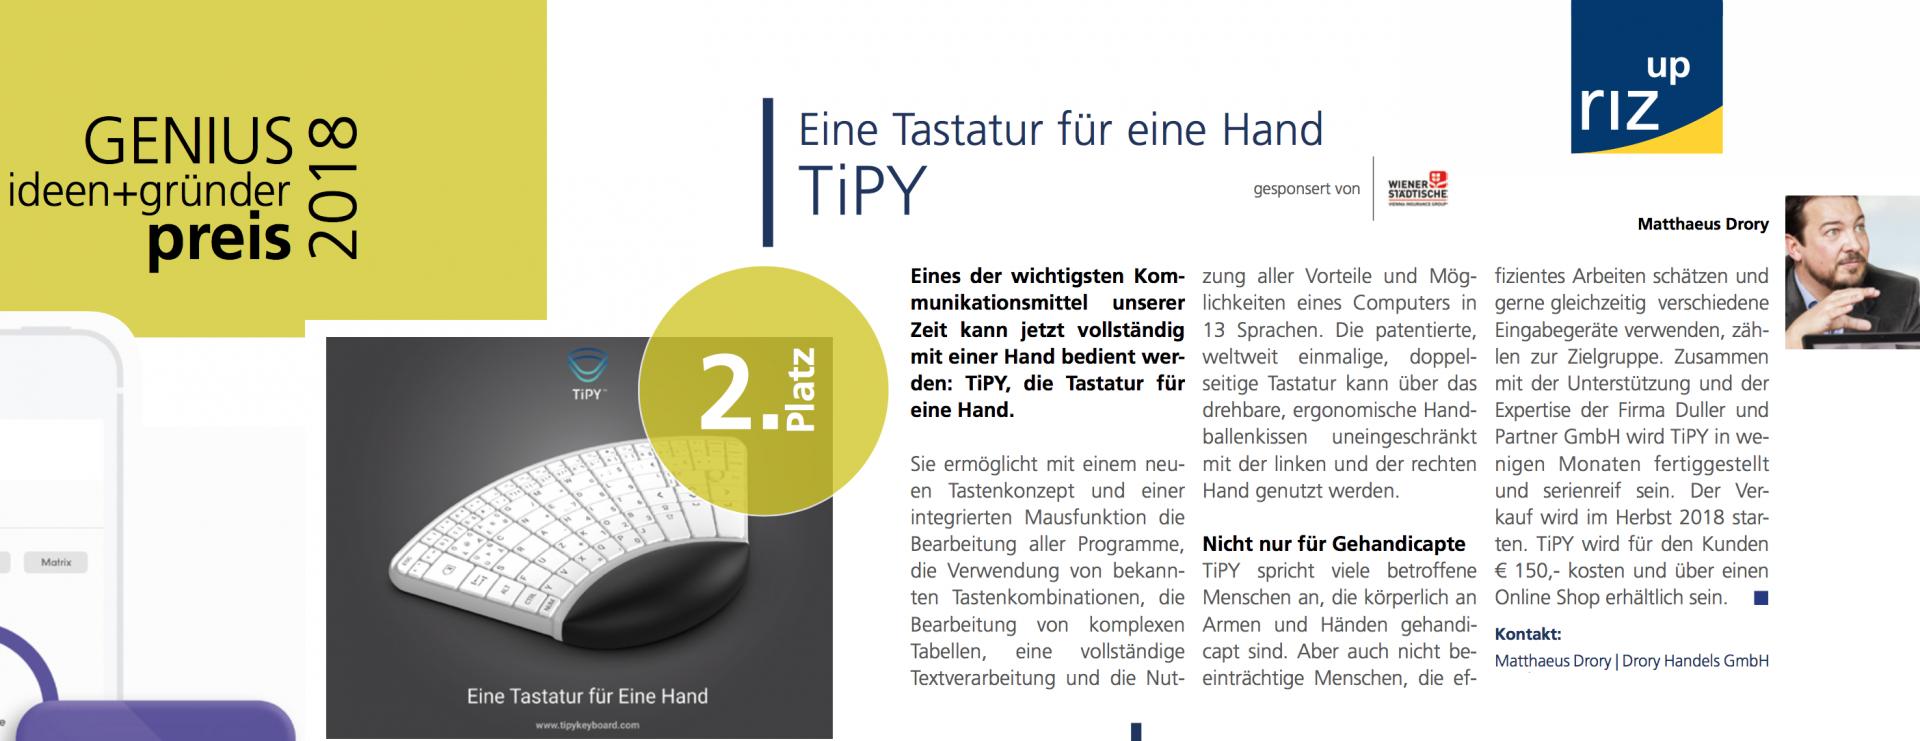 Tipy, Keyboard, Tastatur, Einhand, Einhandtastatur, Hand, One, Computer, Barrierefrei, handicap